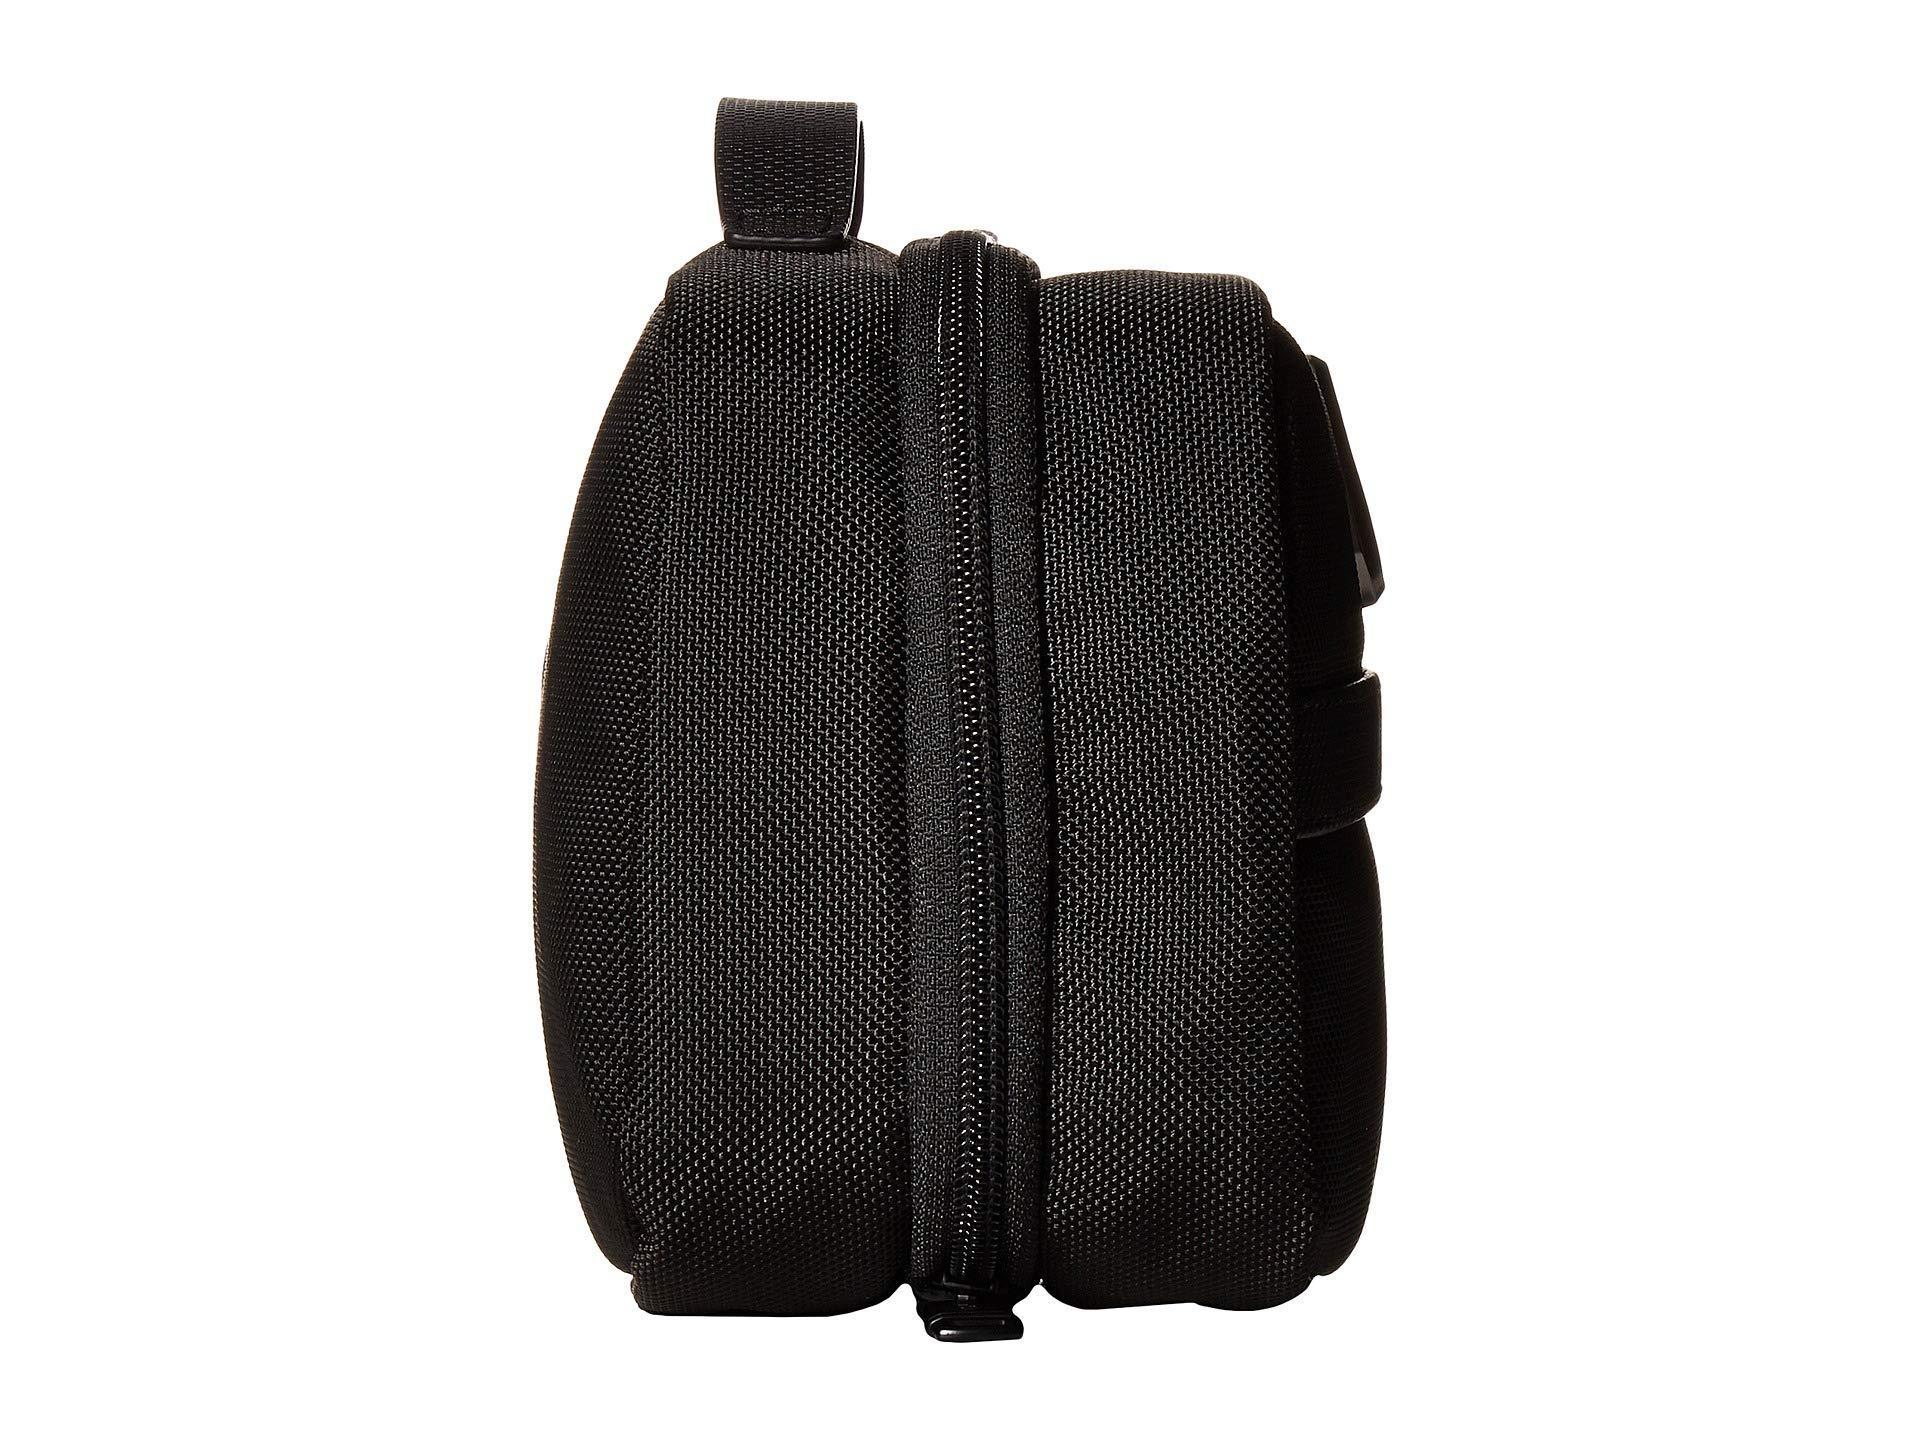 Tumi - Alpha 3 Split Travel Kit (black) Luggage - Lyst. View fullscreen 47d8ea6f96ff4